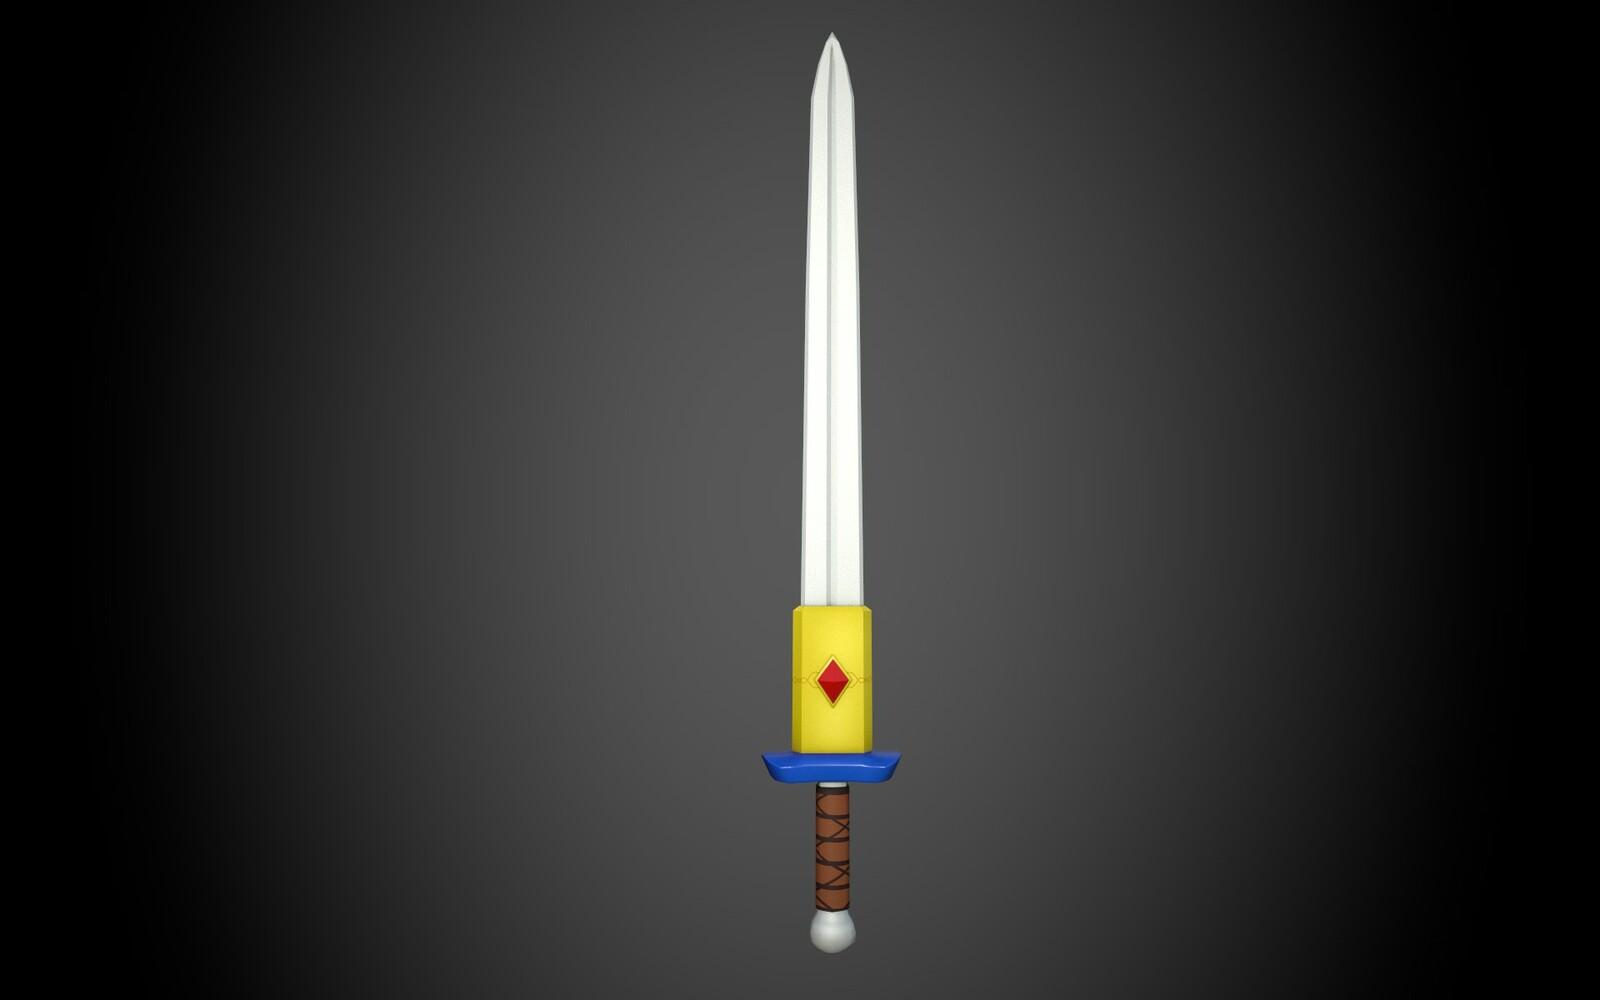 Thyng - Sword